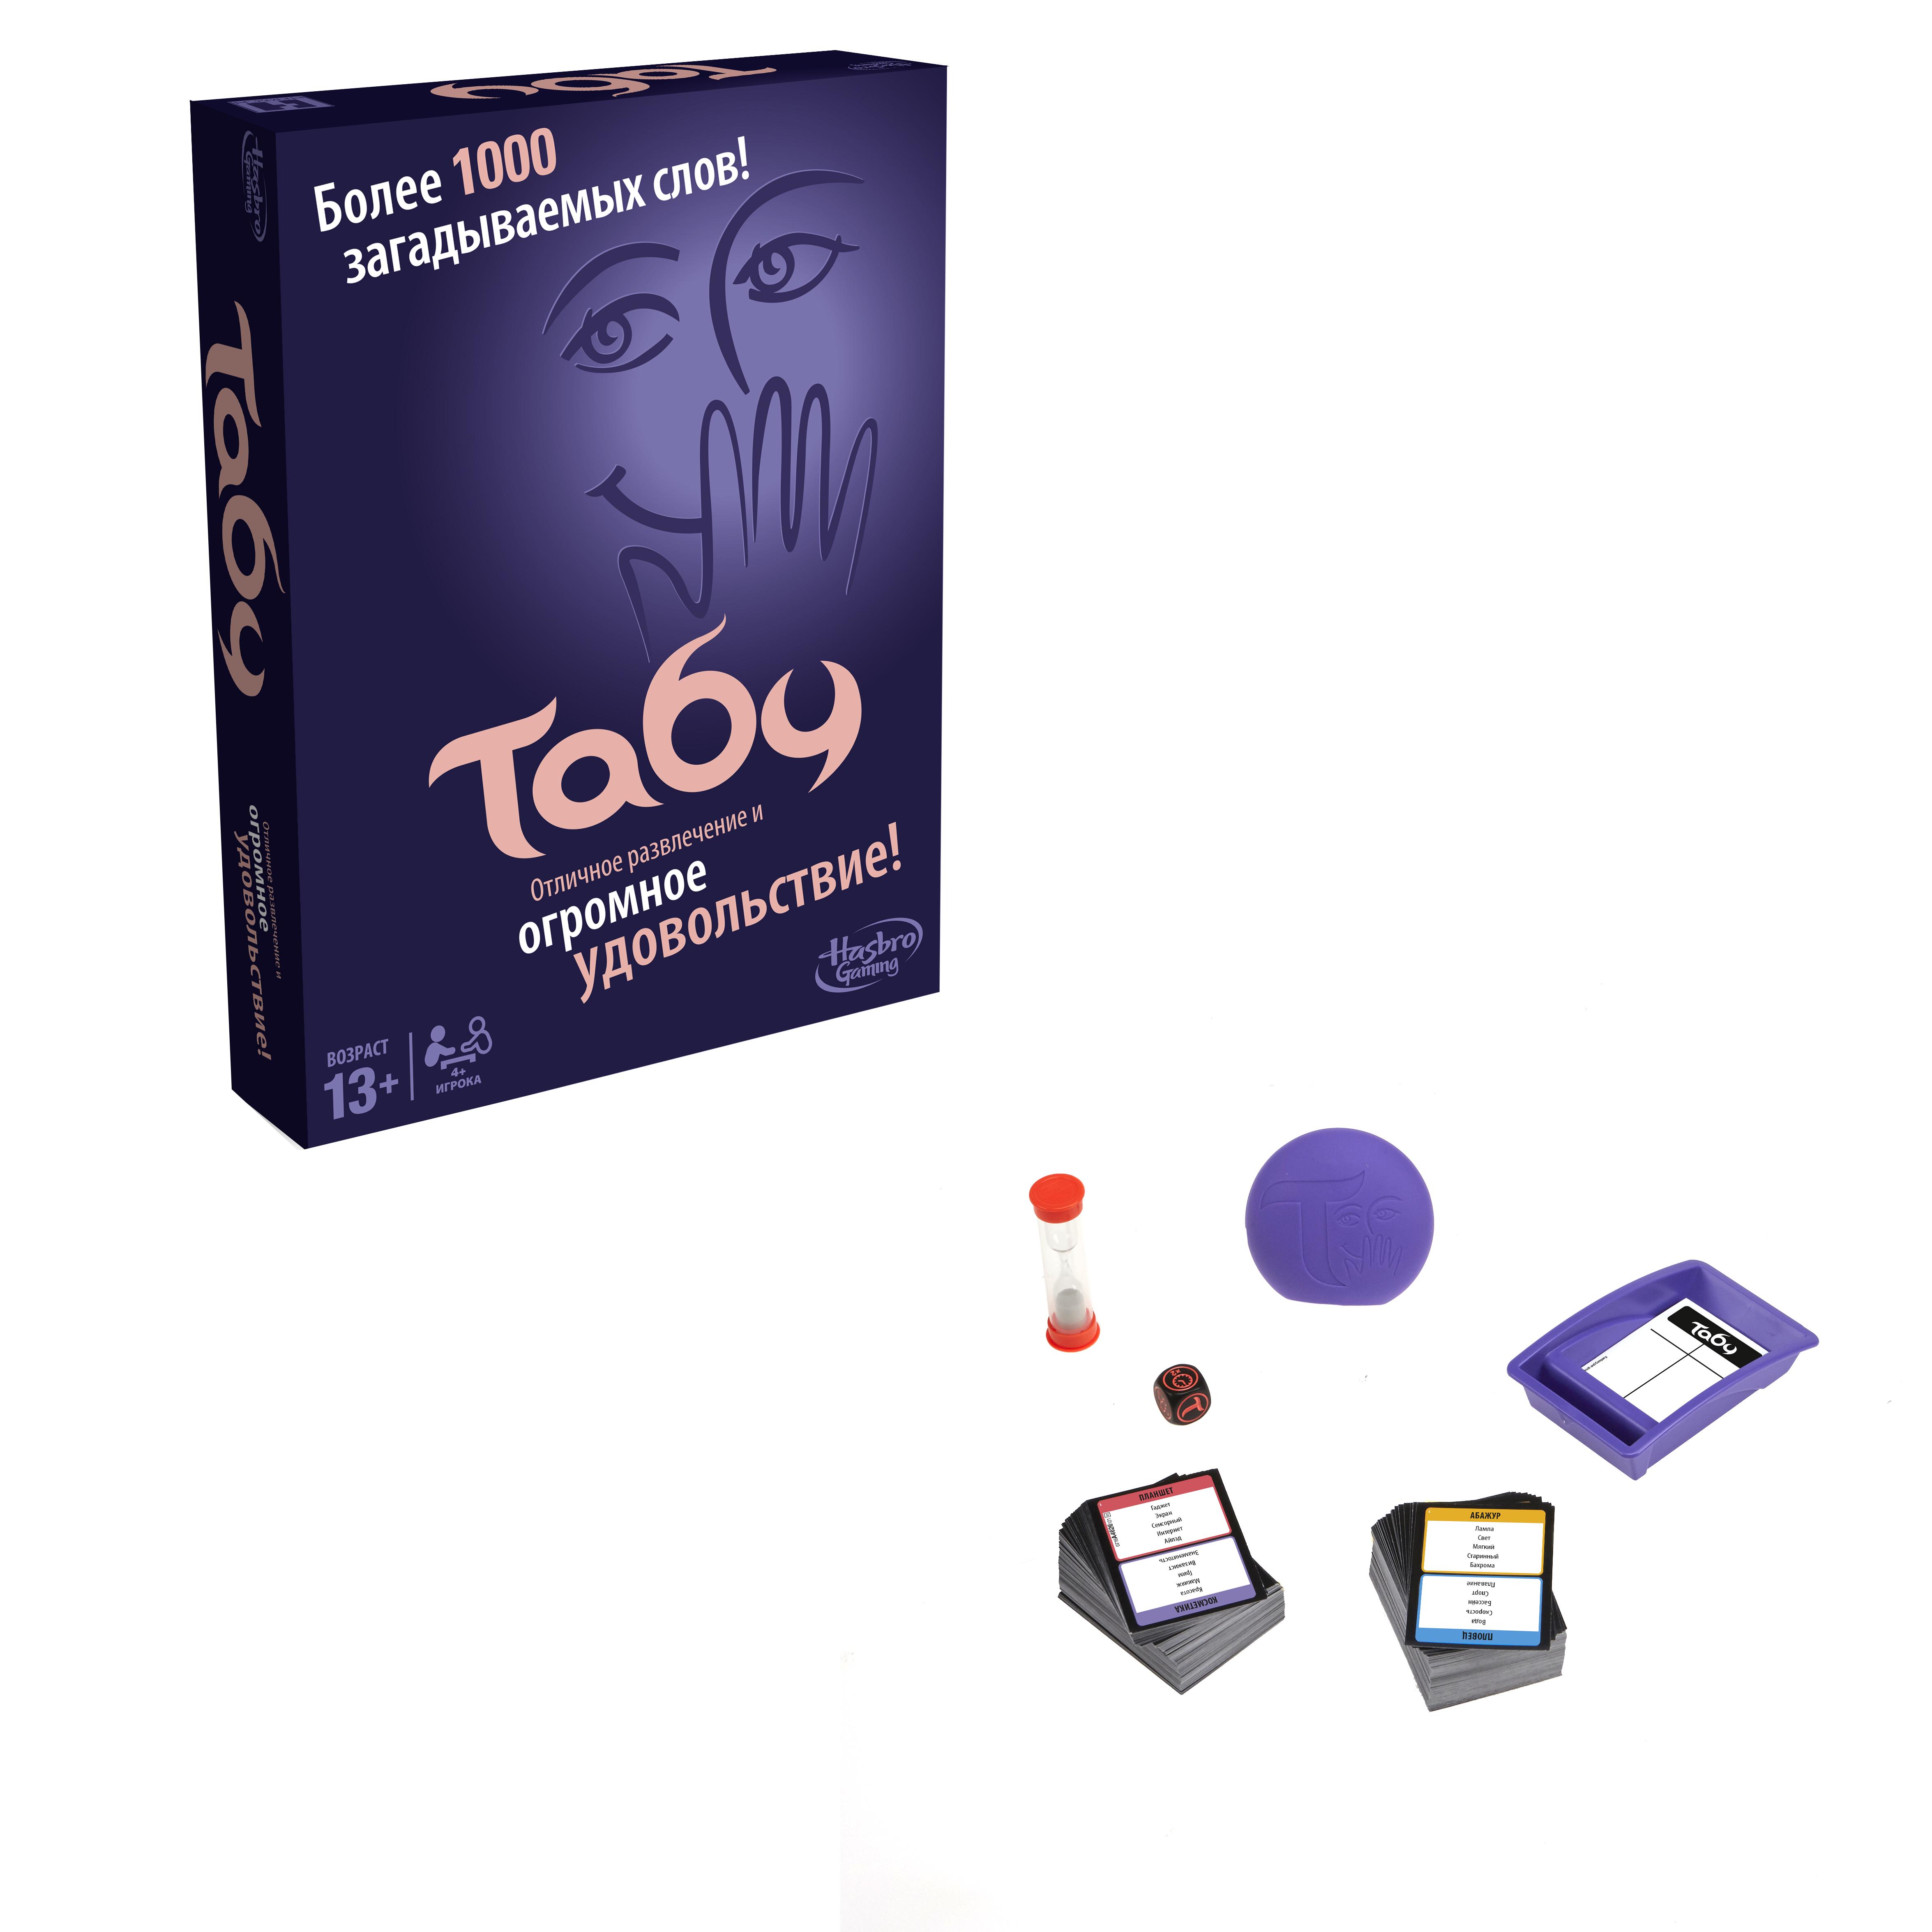 Купить Табу, Семейная настольная игра табу a4626, Hasbro Games, Семейные настольные игры